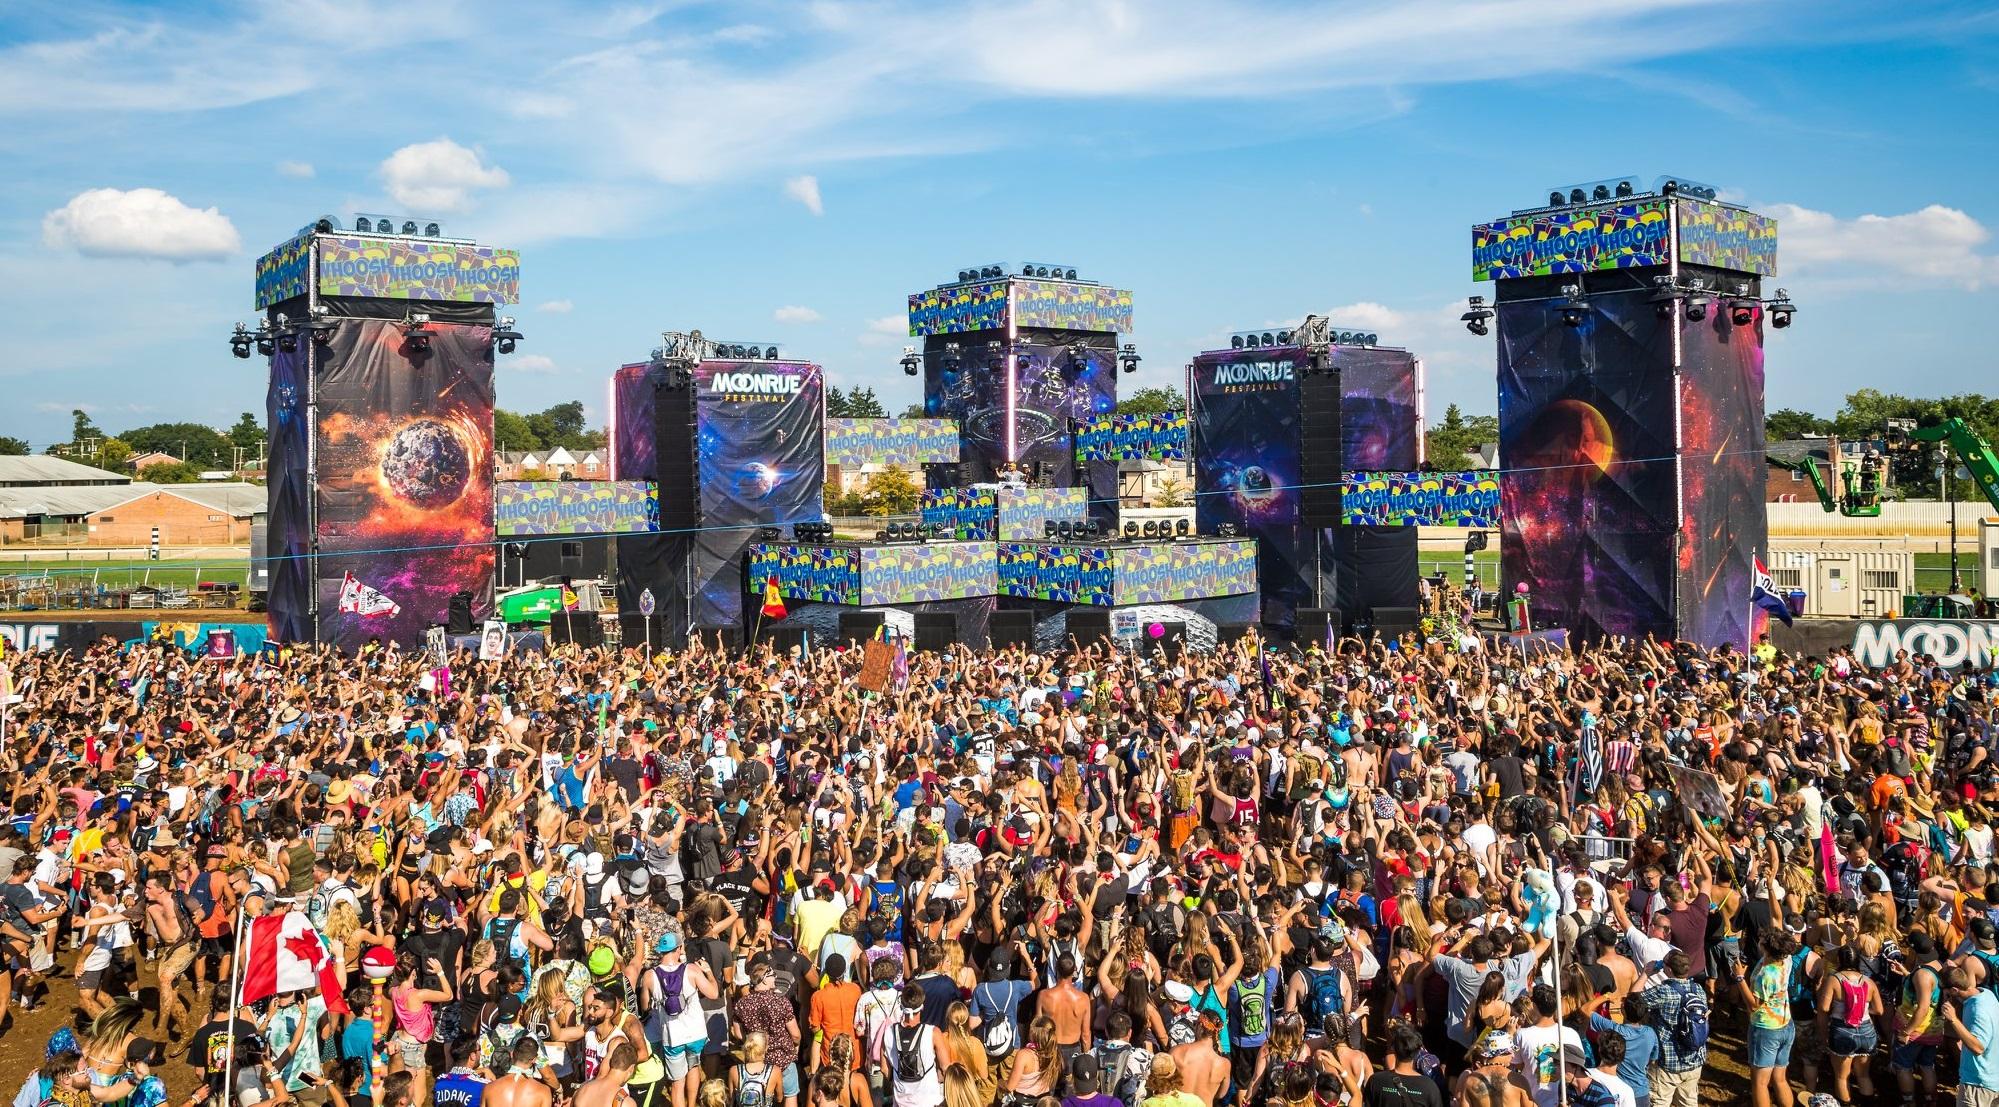 Moonrise Festival 2020.Moonrise Festival 2020 Lineup Festival 2020